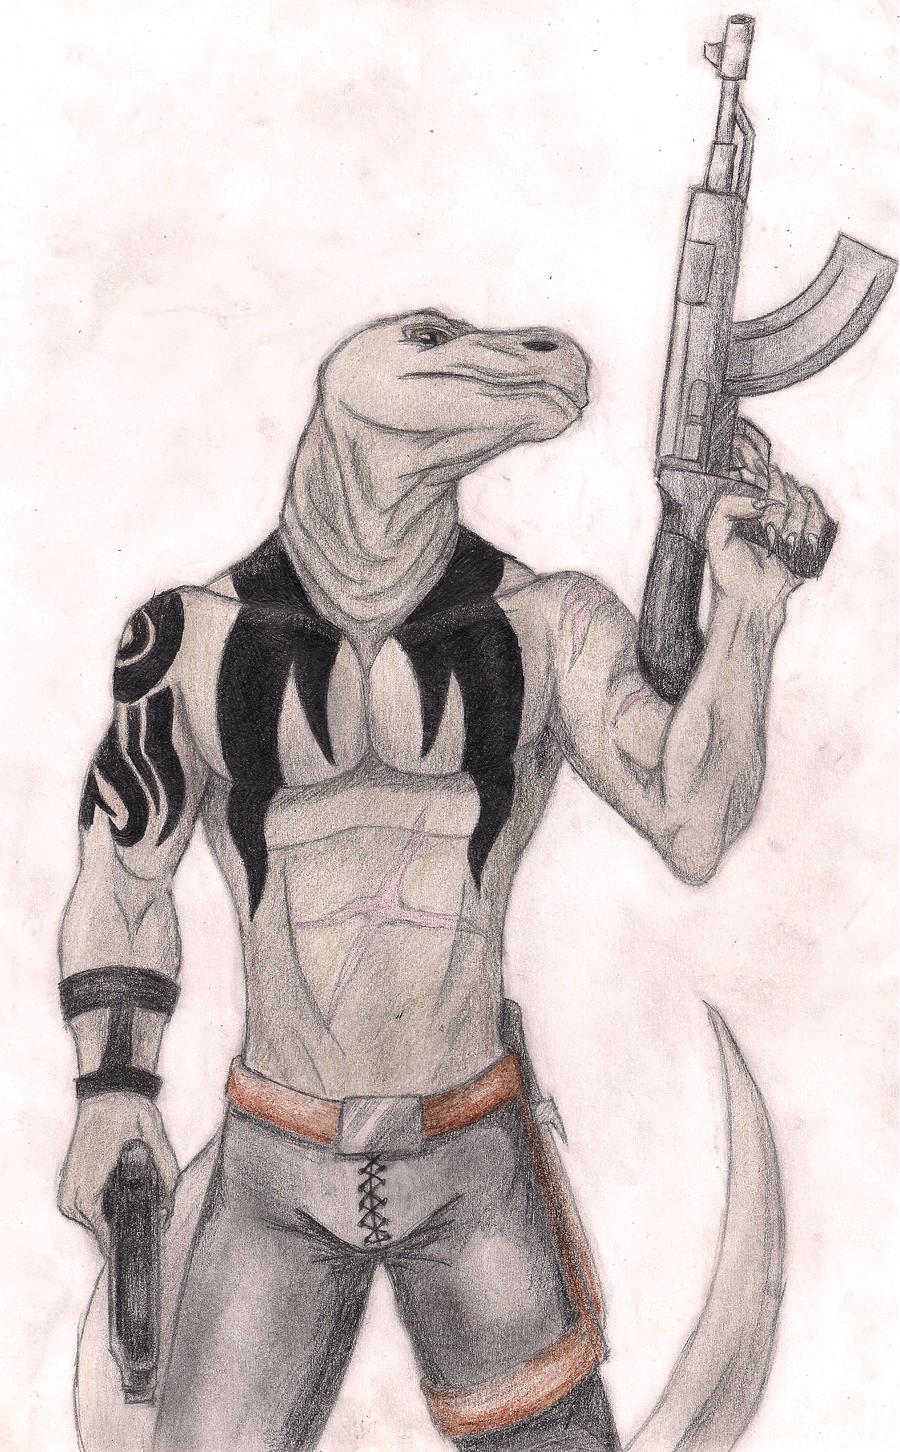 Mah Komodo Dragon By Kalfiezfangwyrm